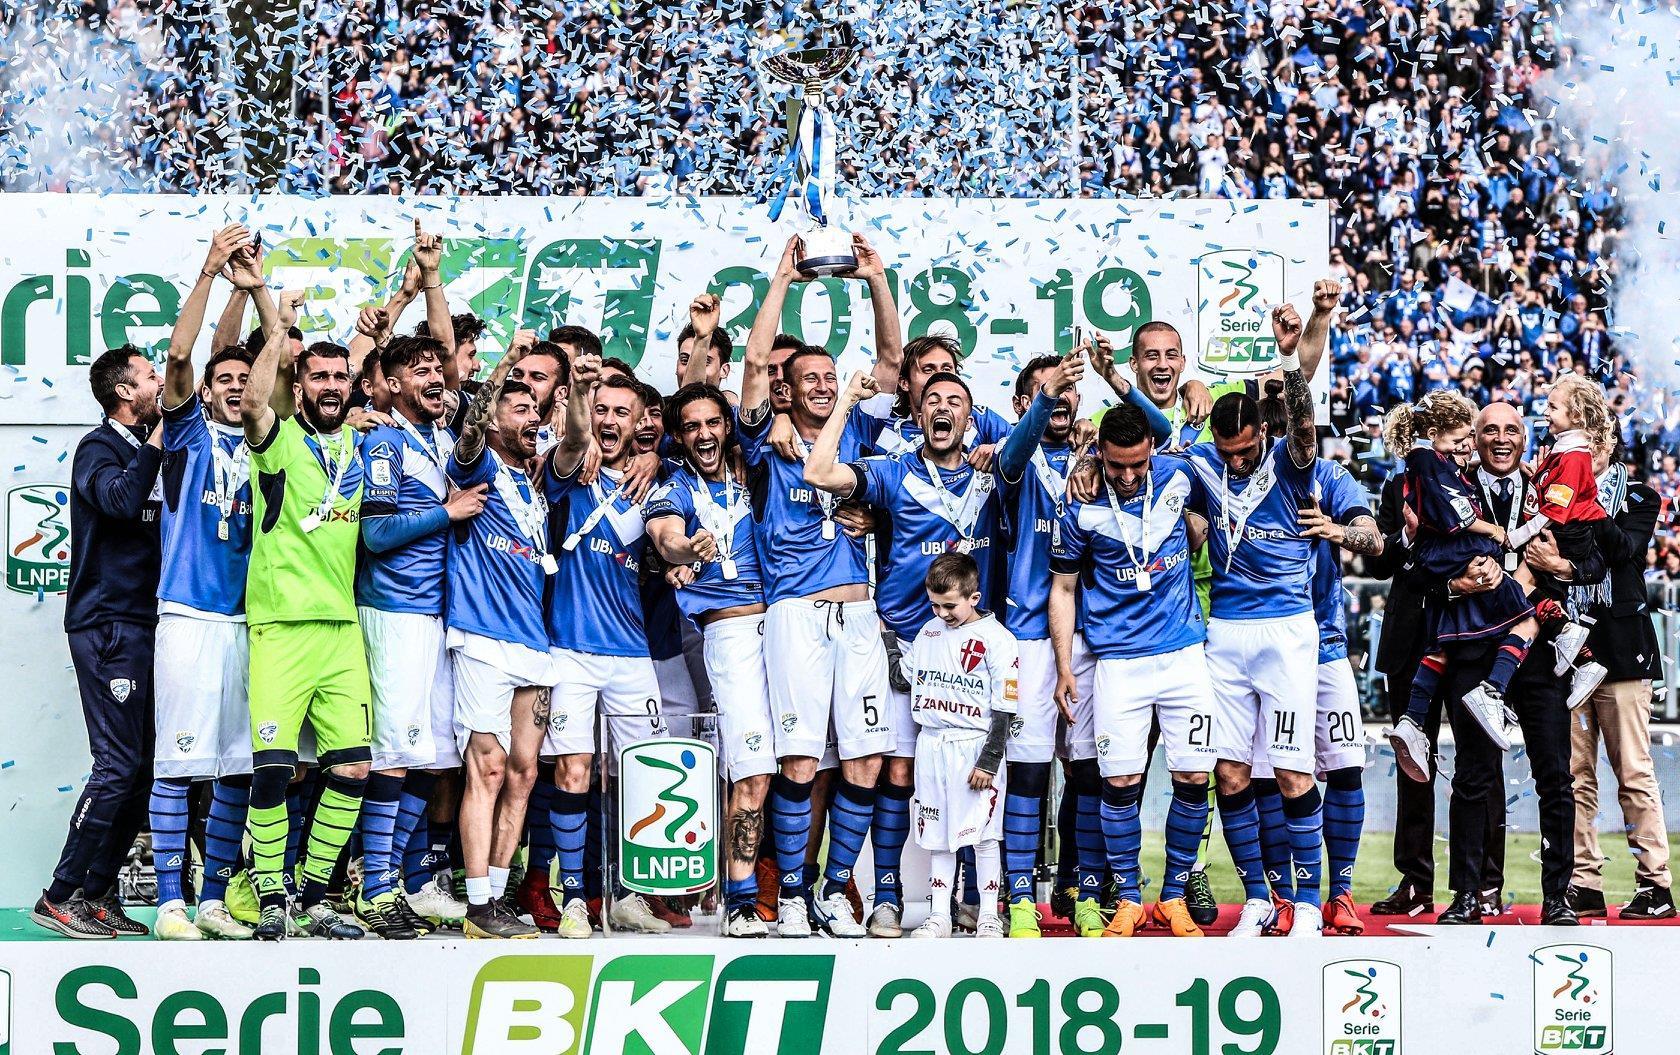 Brescia E Qui La Festa La Consegna Della Coppa Della Serie B